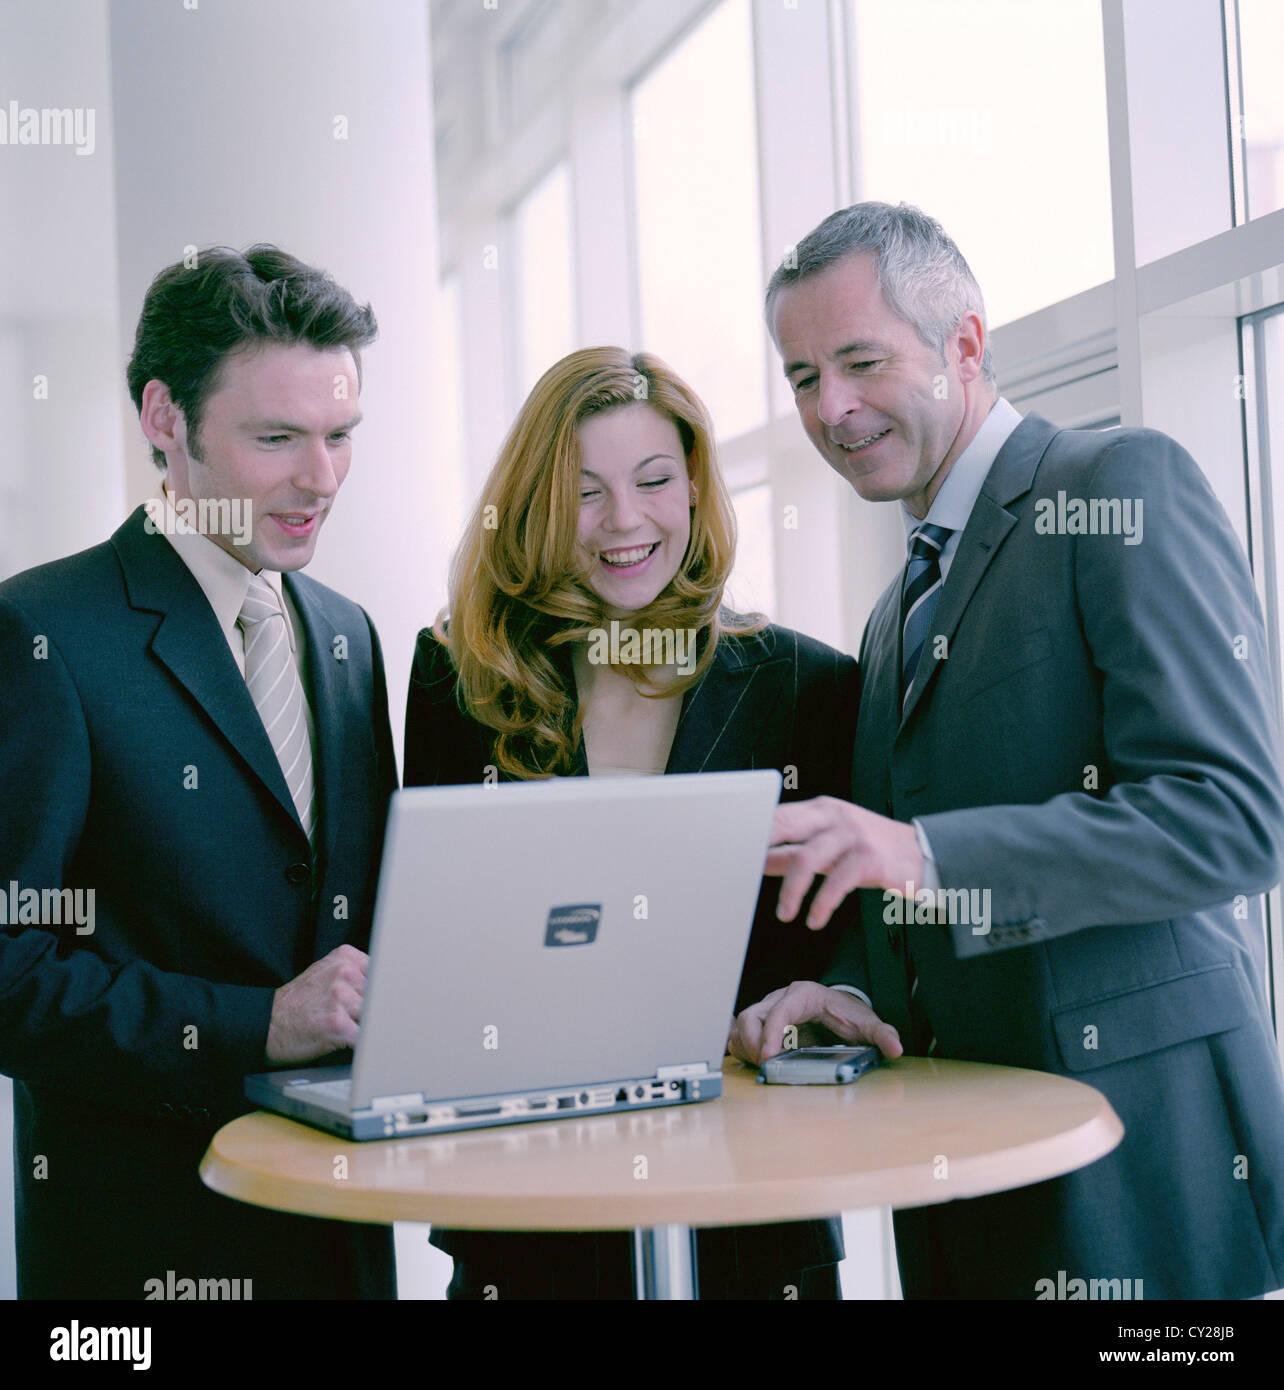 La gente di affari uomo donna fiducia la cooperazione laptop notebook licenza gratuita ad eccezione di annunci e Immagini Stock